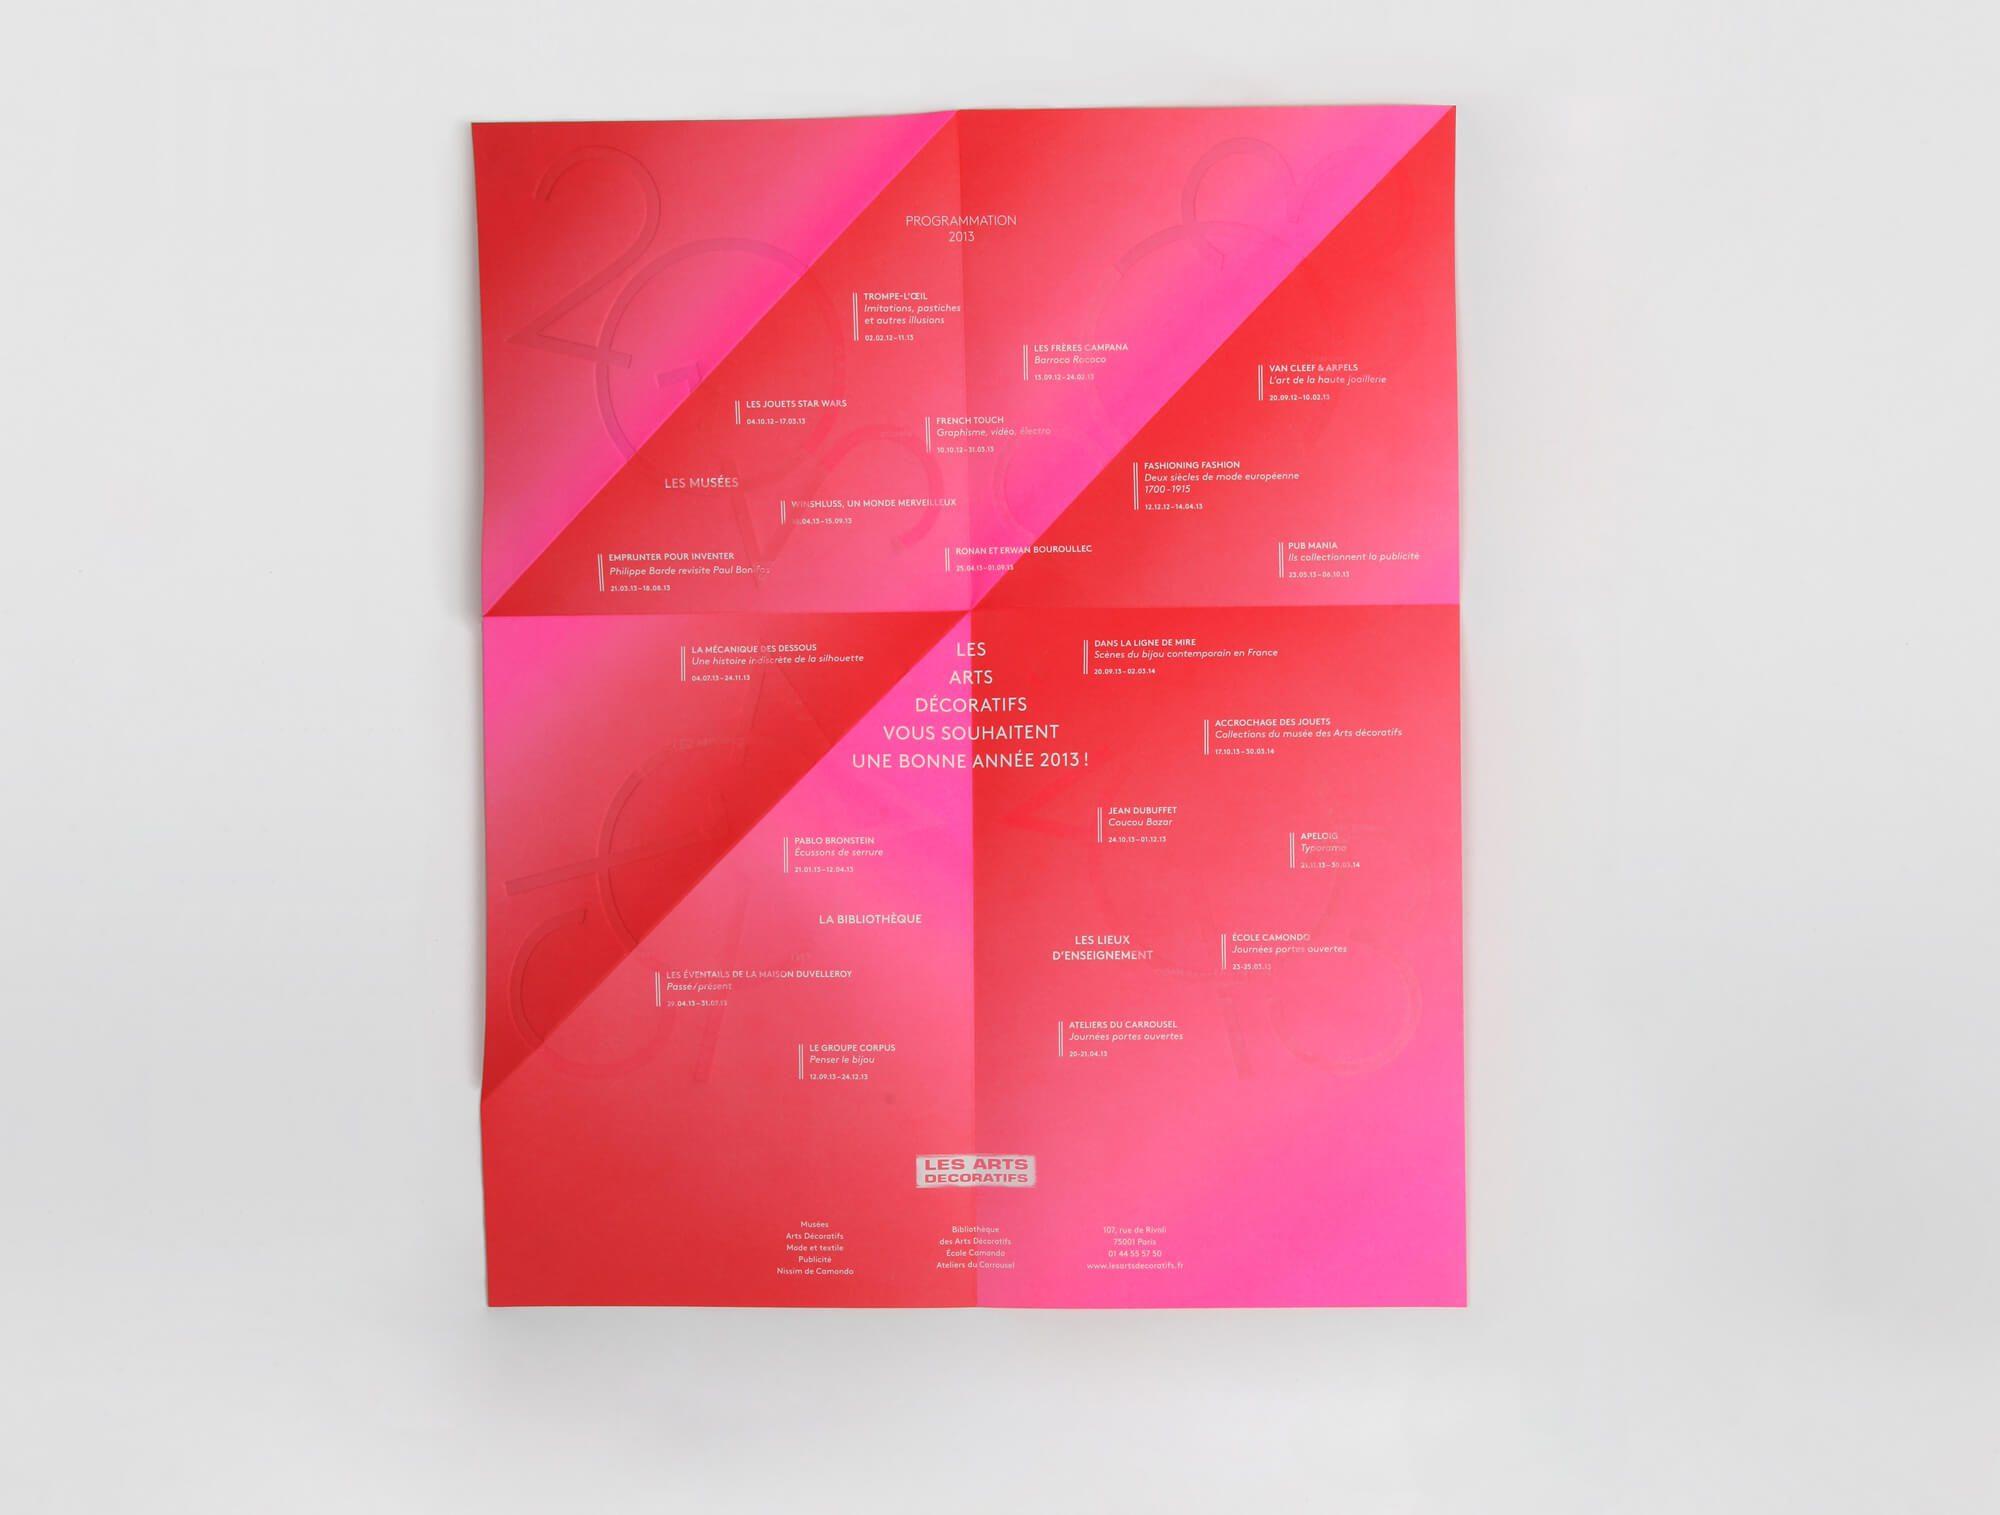 La carte de vœux des arts décoratifs 2013 tout en dégradé rose, rouge, design Helena Ichbiah, IchetKar